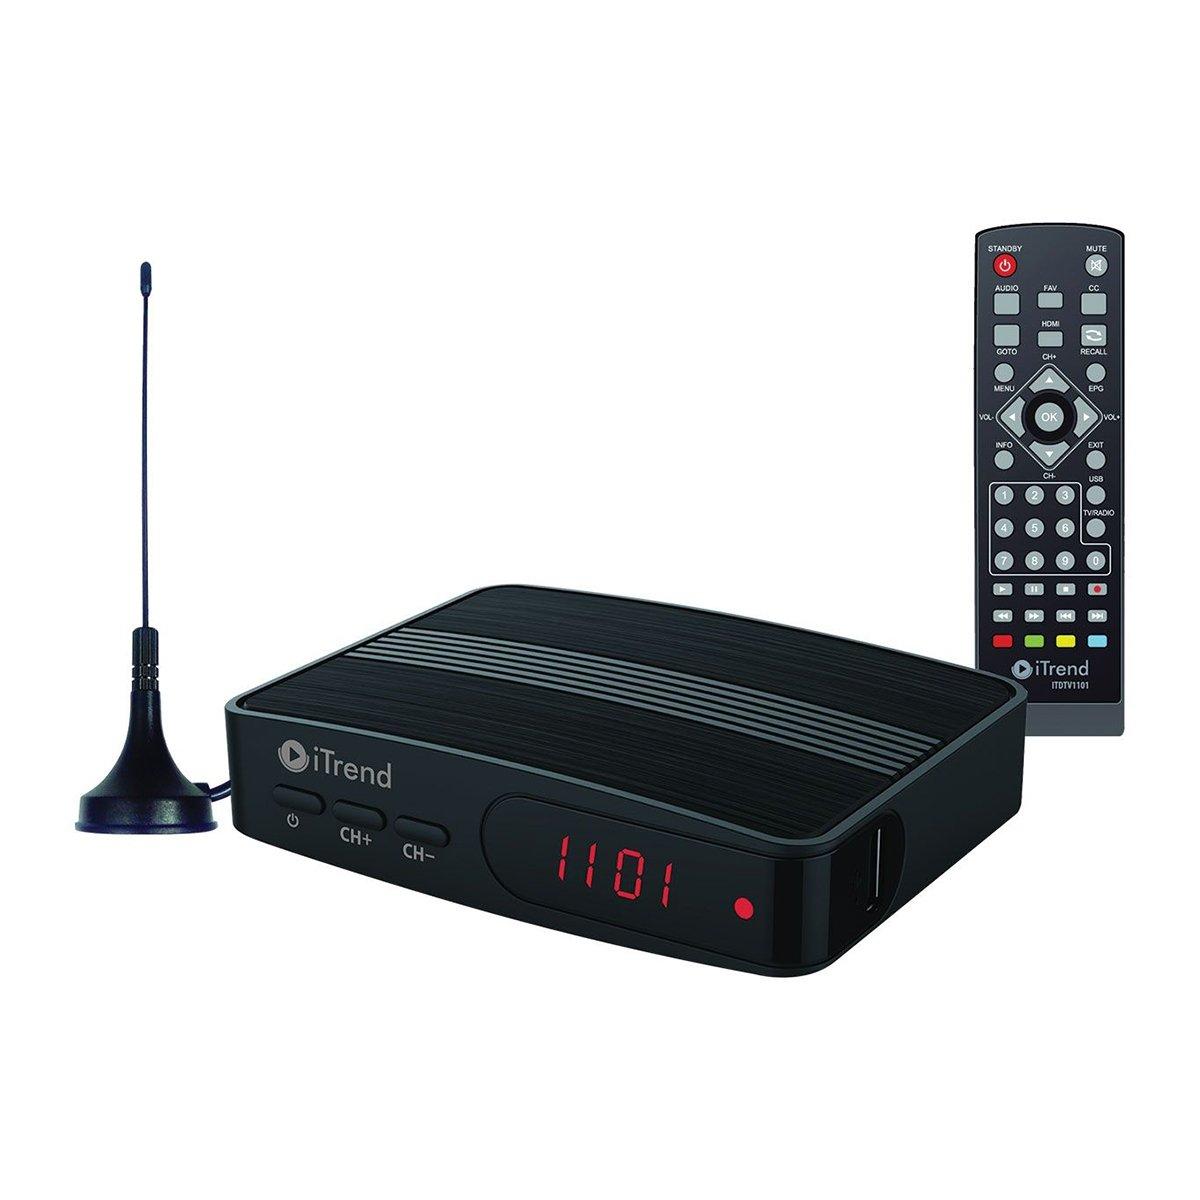 Imagemd e TV